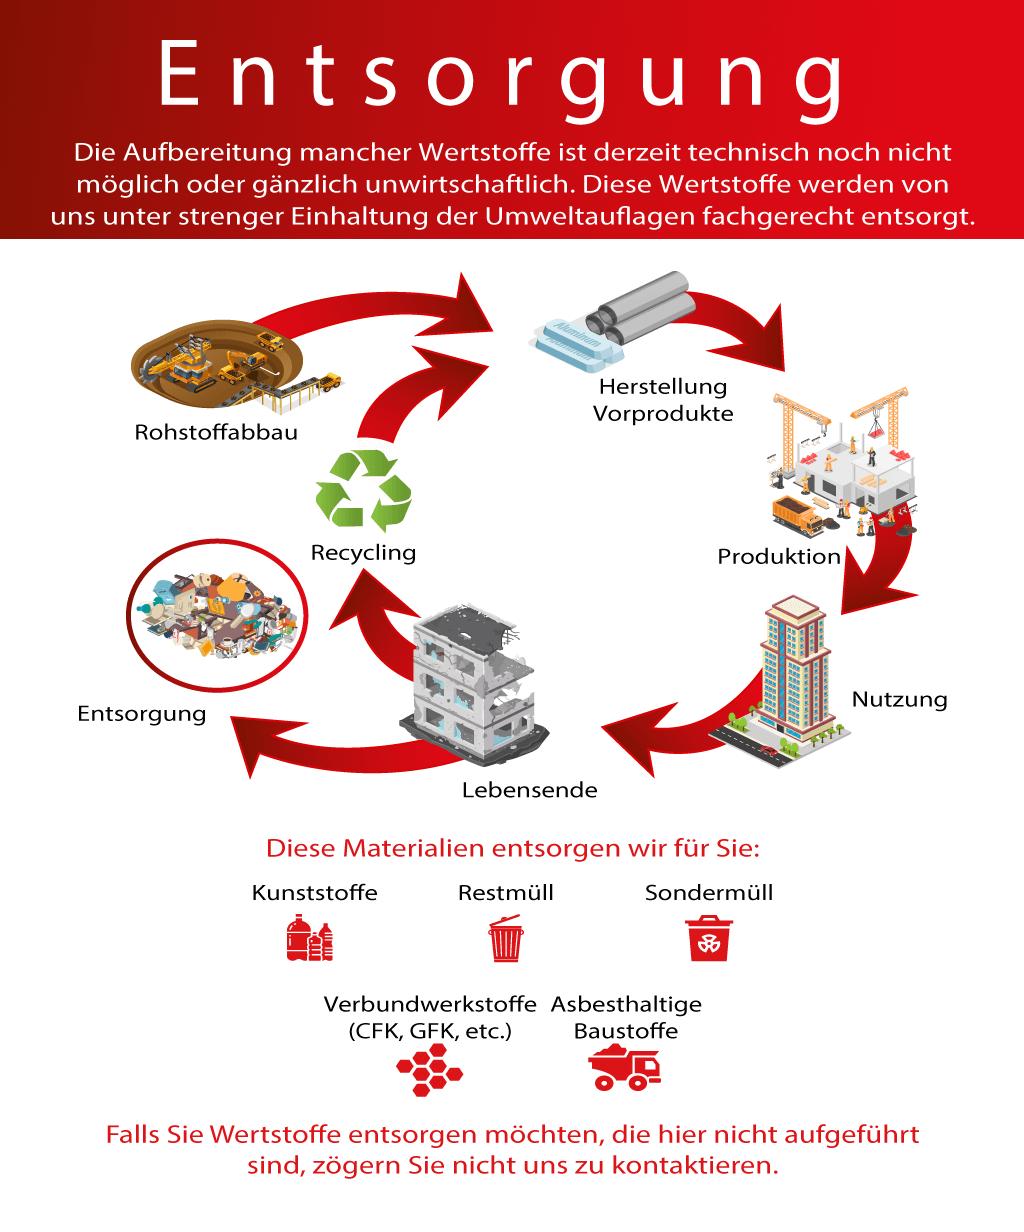 Die Aufbereitung mancher Wertstoffe ist derzeit technisch noch nicht möglich oder gänzlich unwirtschaftlich. Diese Wertstoffe werden von uns unter strenger Einhaltung der Umweltauflagen fachgerecht entsorgt. Diese Materialien entsorgen wir für Sie: – Kunststoffe – Restmüll – Sondermüll – Verbundwerkstoffe (CFK, GFK, etc.) – asbesthaltige Baustoffe Falls Sie Wertstoffe entsorgen möchten, die hier nicht aufgeführt sind, zögern Sie nicht uns zu kontaktieren.